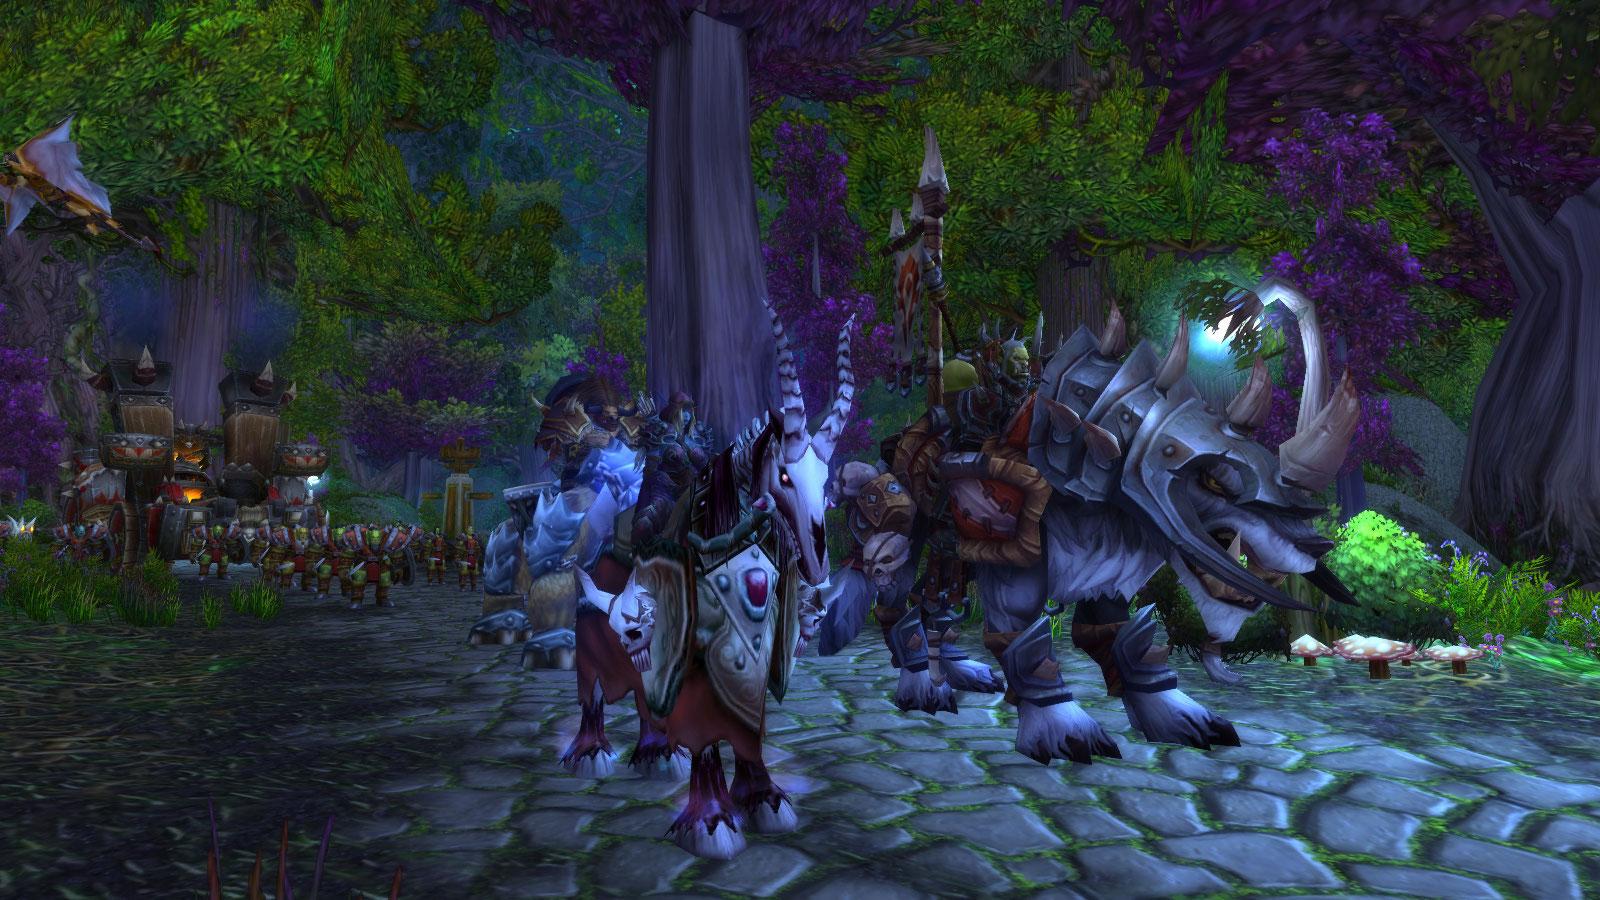 Sylvanas et le haut seigneur Saurcroc sont désormais aux portes d'Astranaar